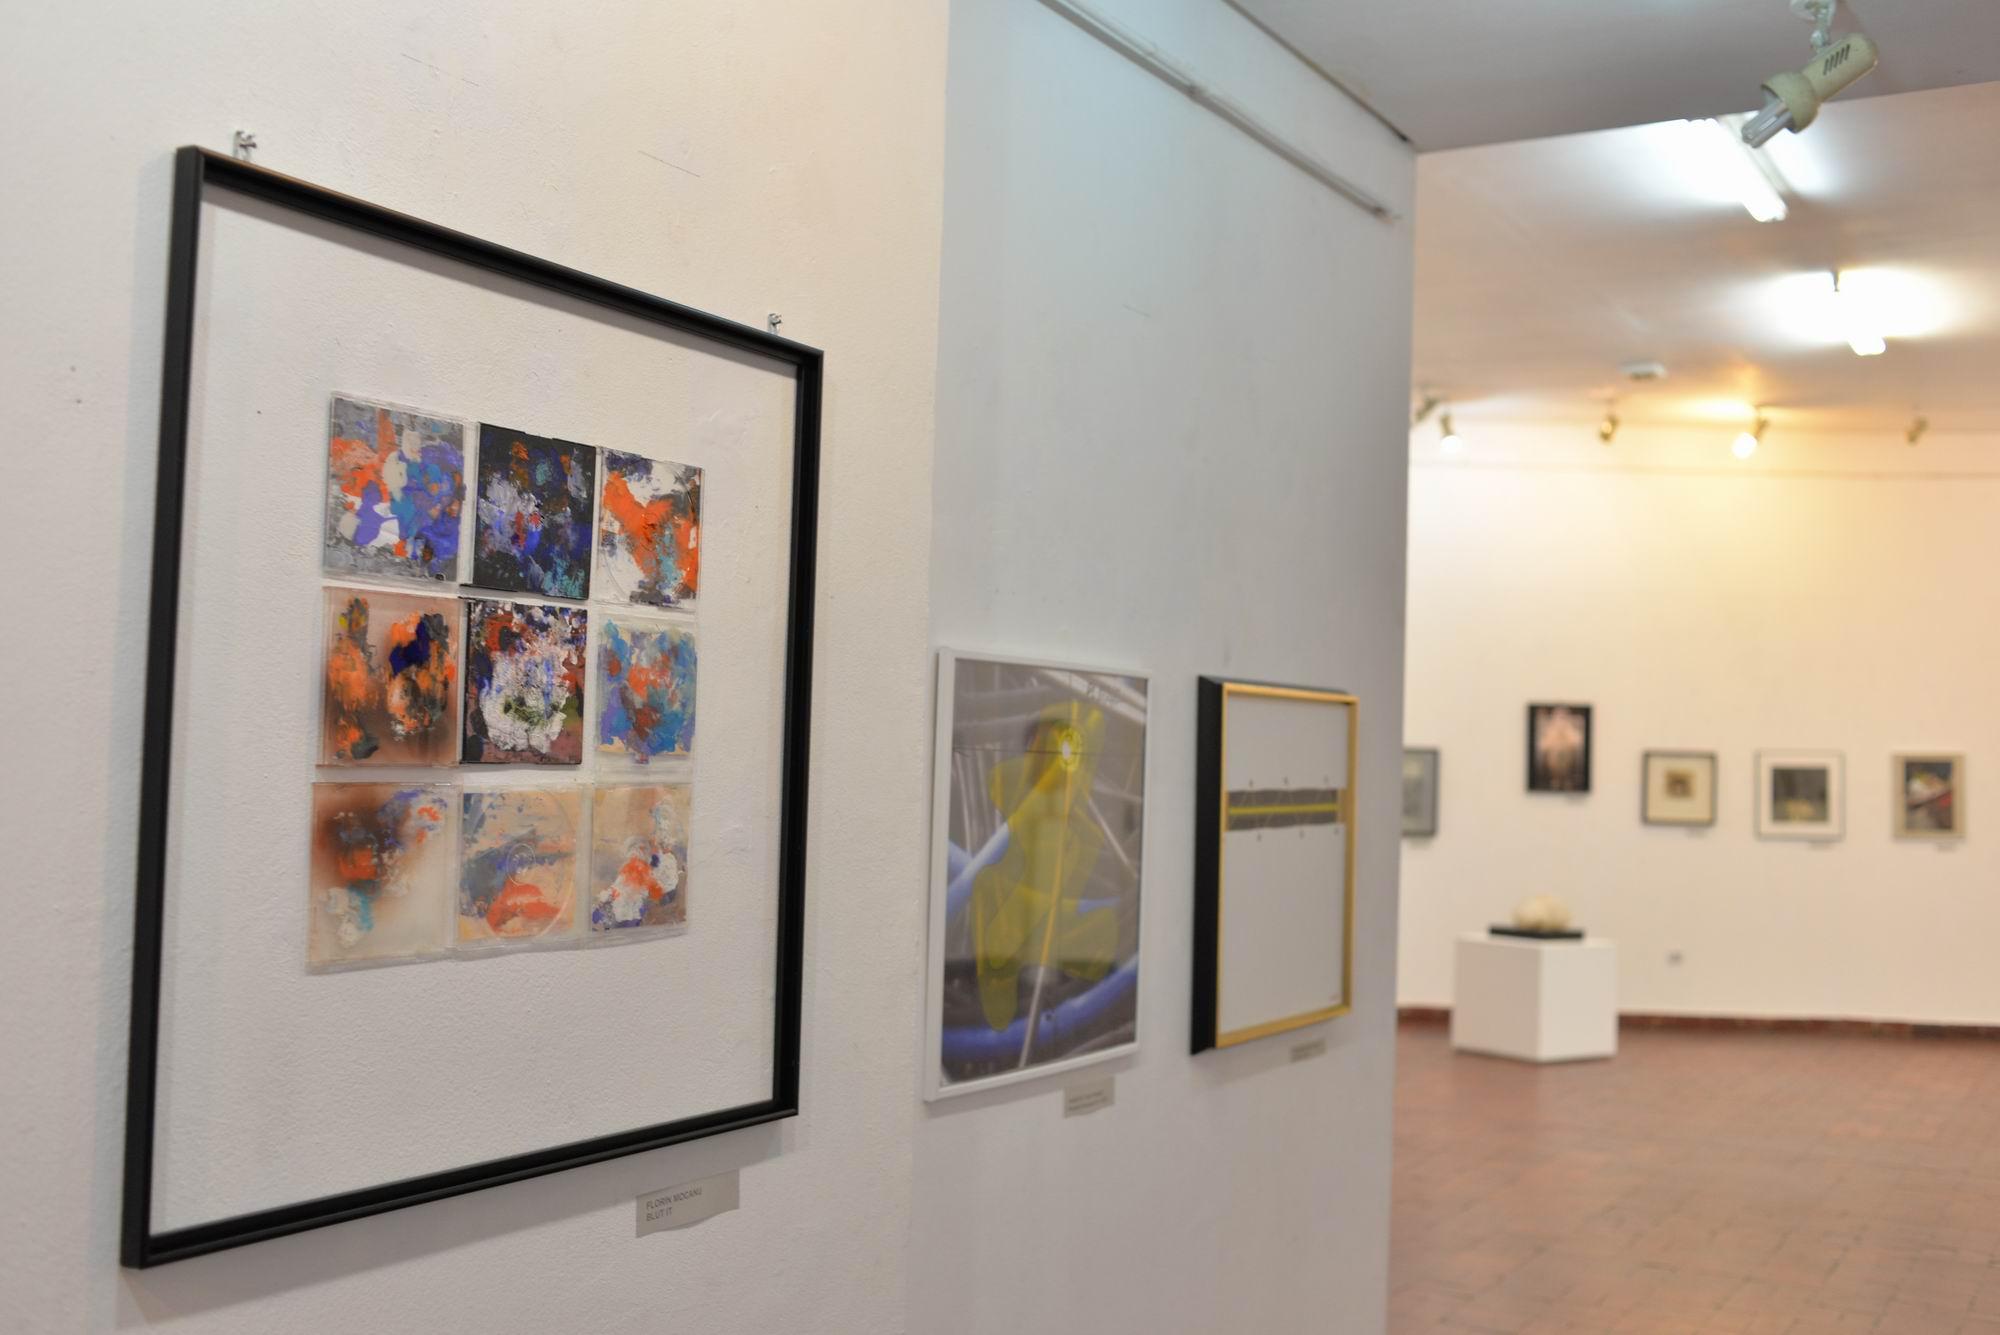 salonul mic bucuresti 2016 LM_0013